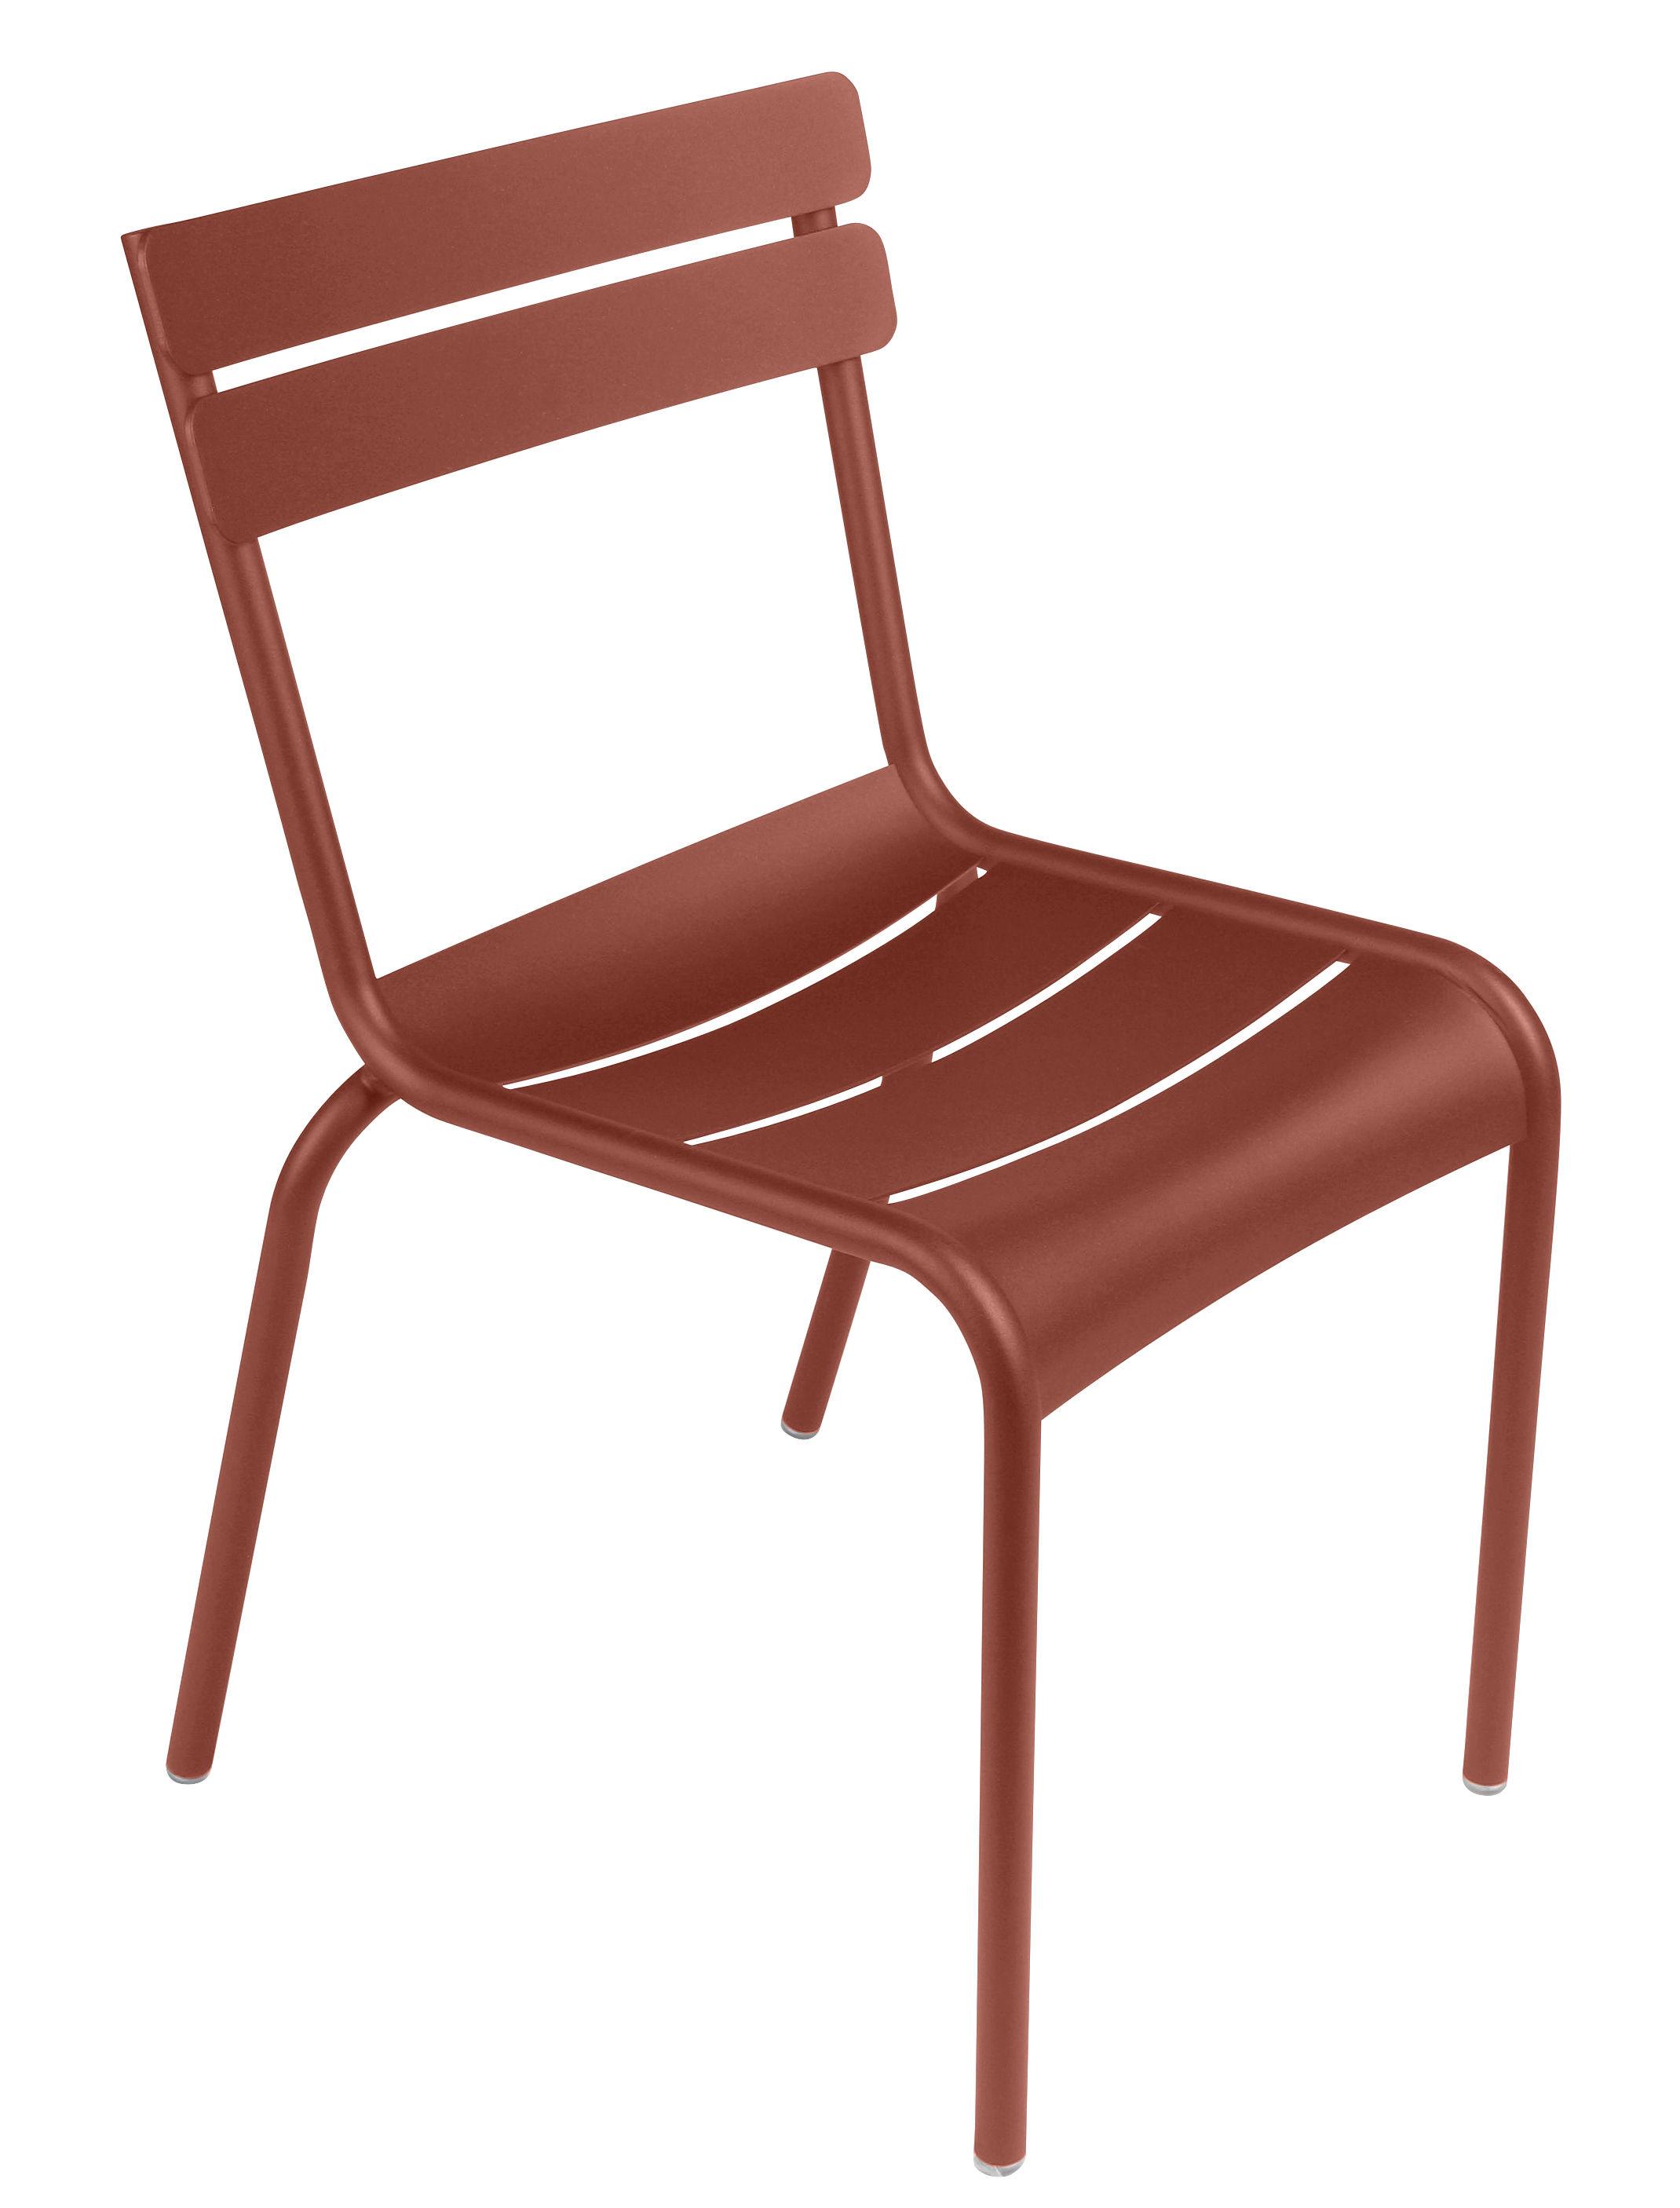 Arredamento - Sedie  - Sedia impilabile Luxembourg - / Alluminio di Fermob - Ocra rossa - Alluminio laccato